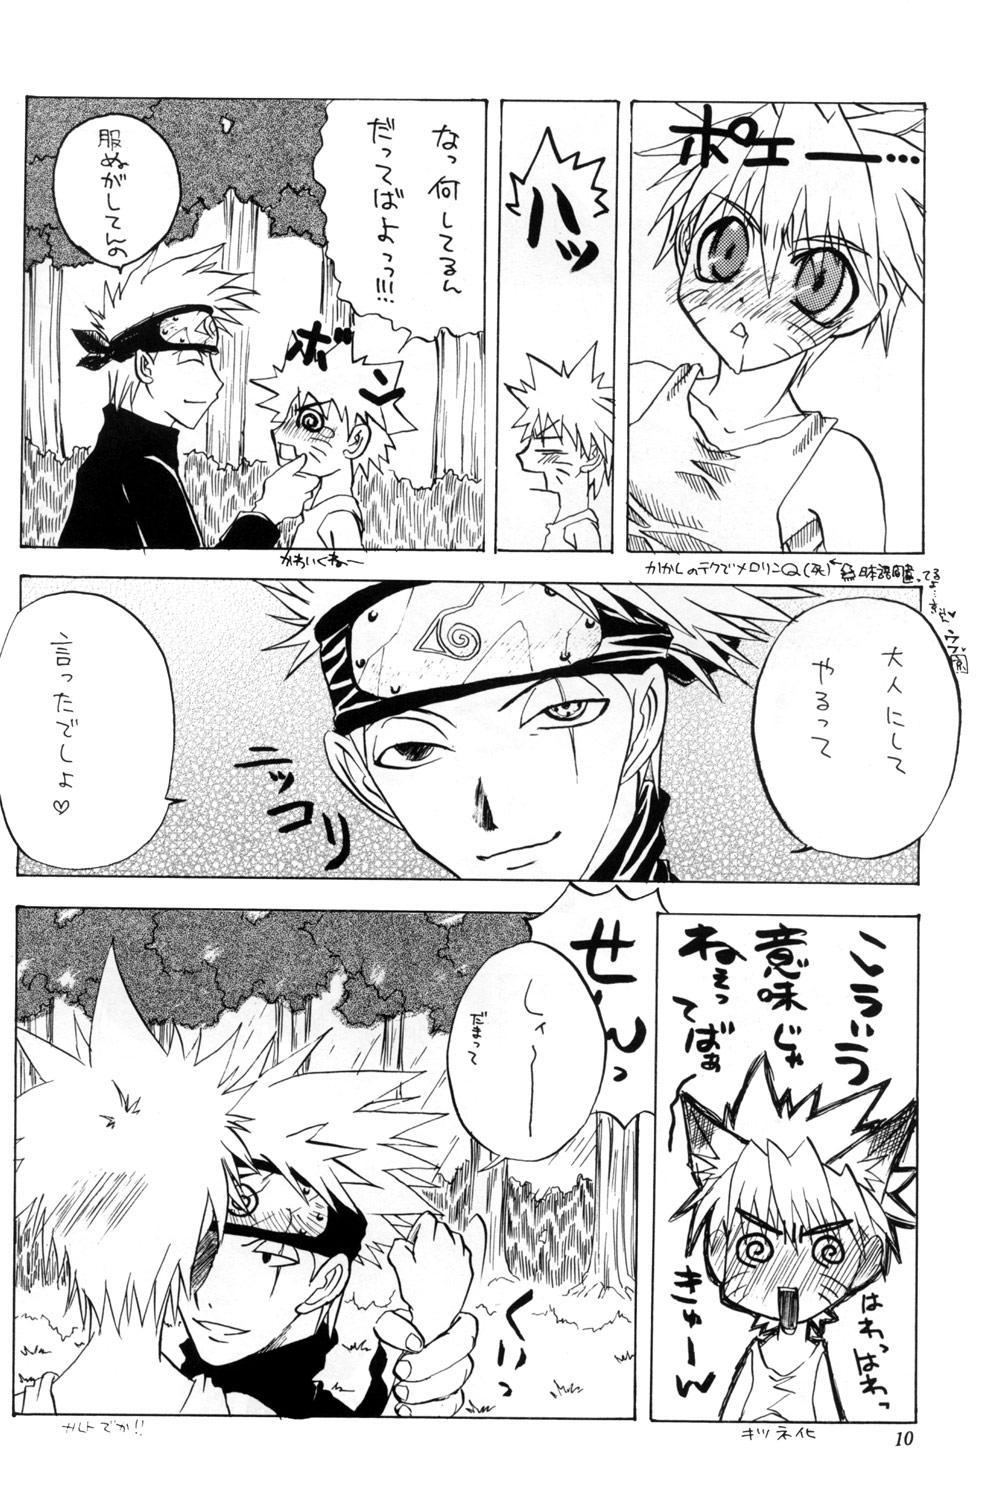 Watch Out!! (NARUTO) [Kakashi X Naruto - Sasuke X Naruto] YAOI 9